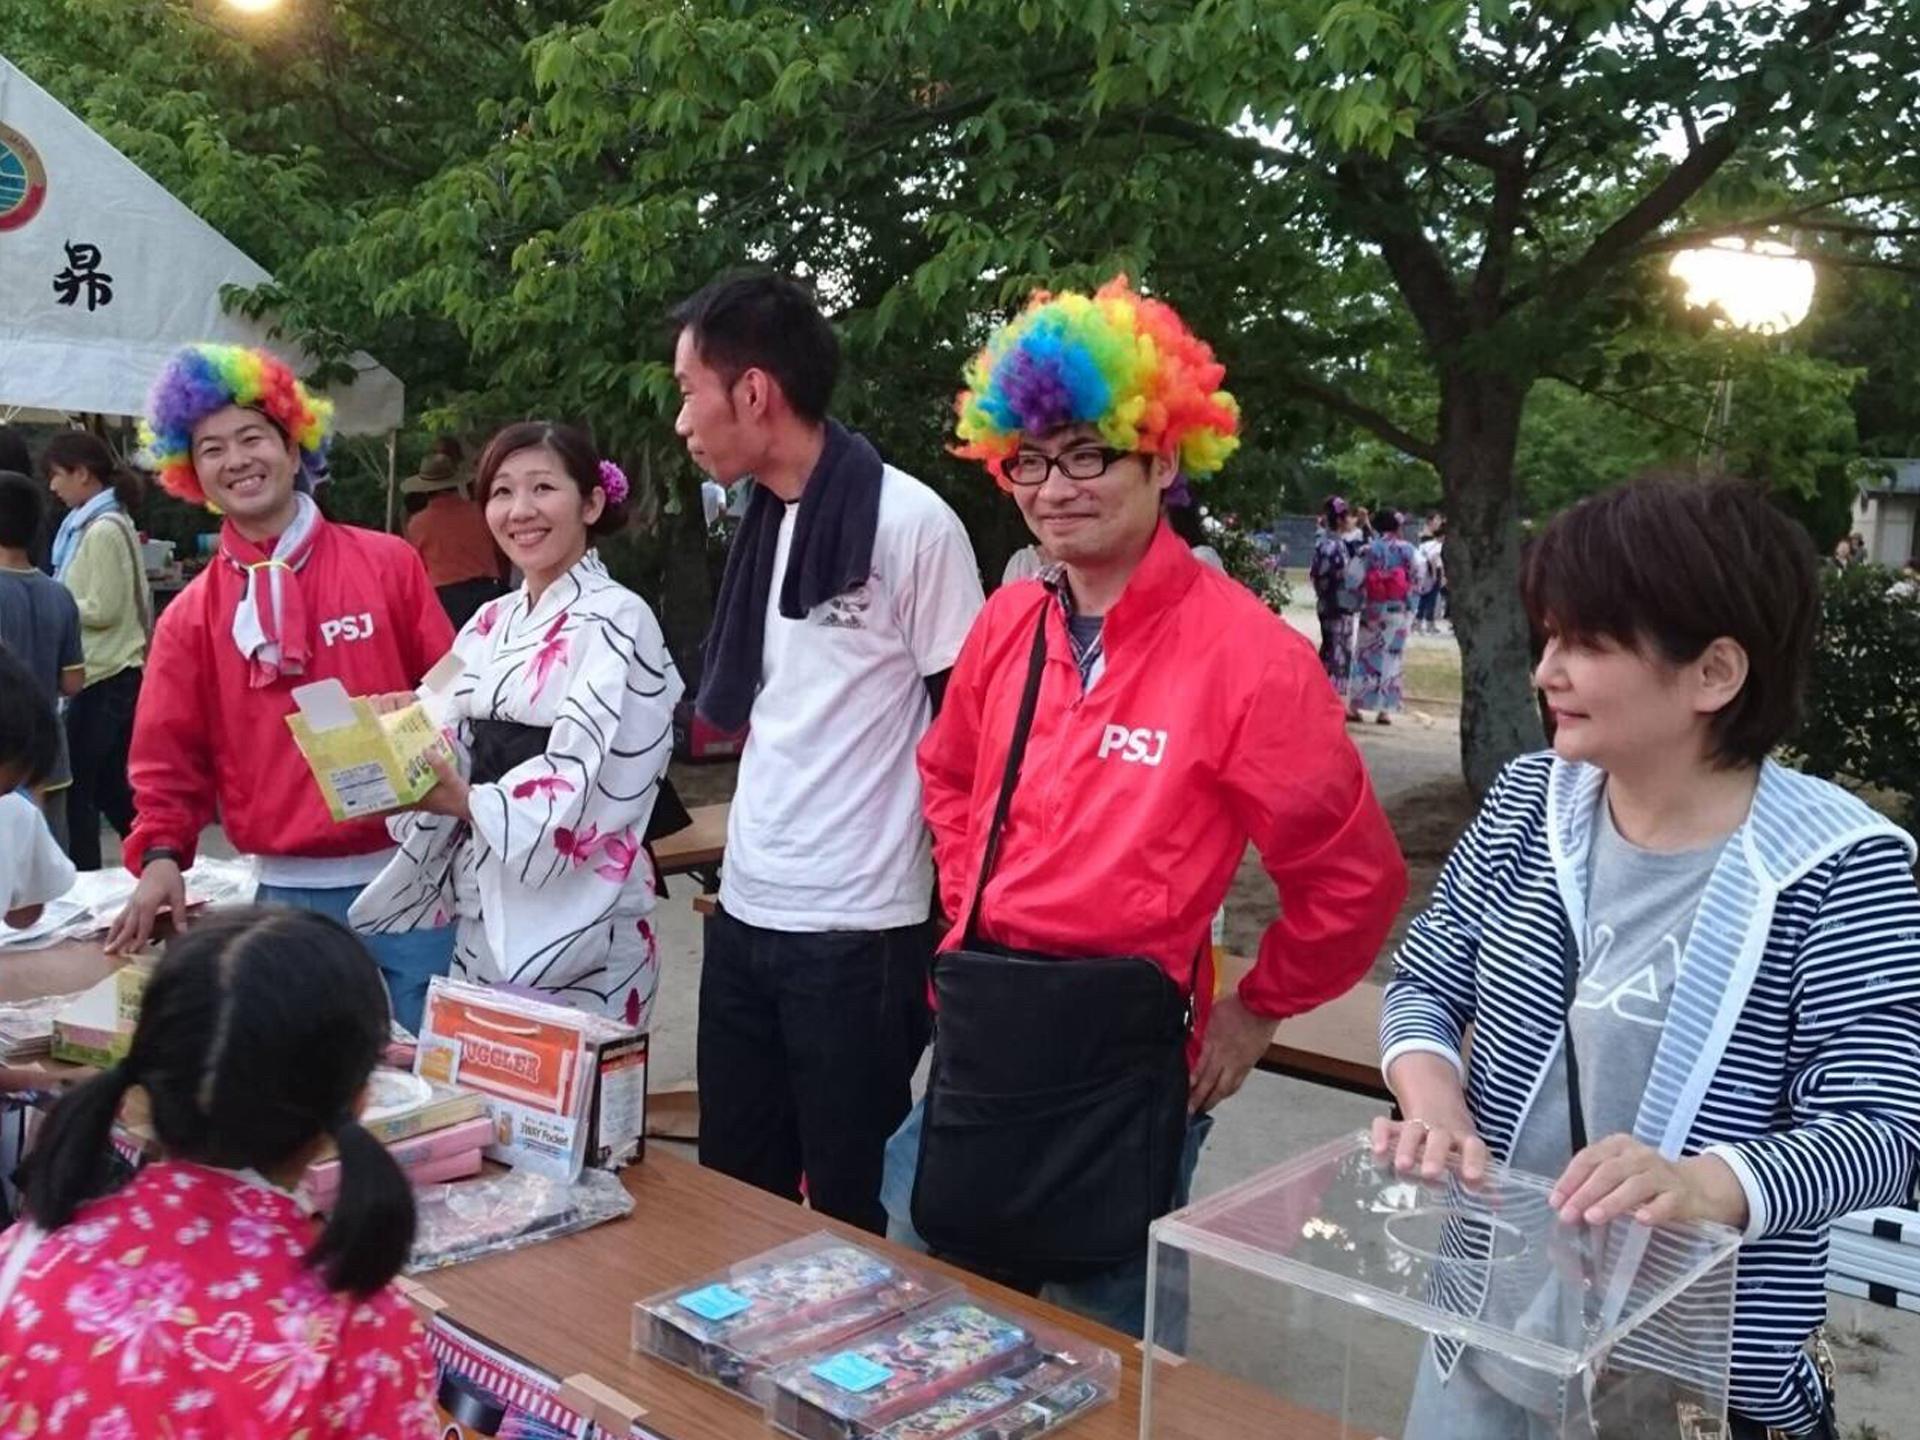 綾羅木地区夏祭り